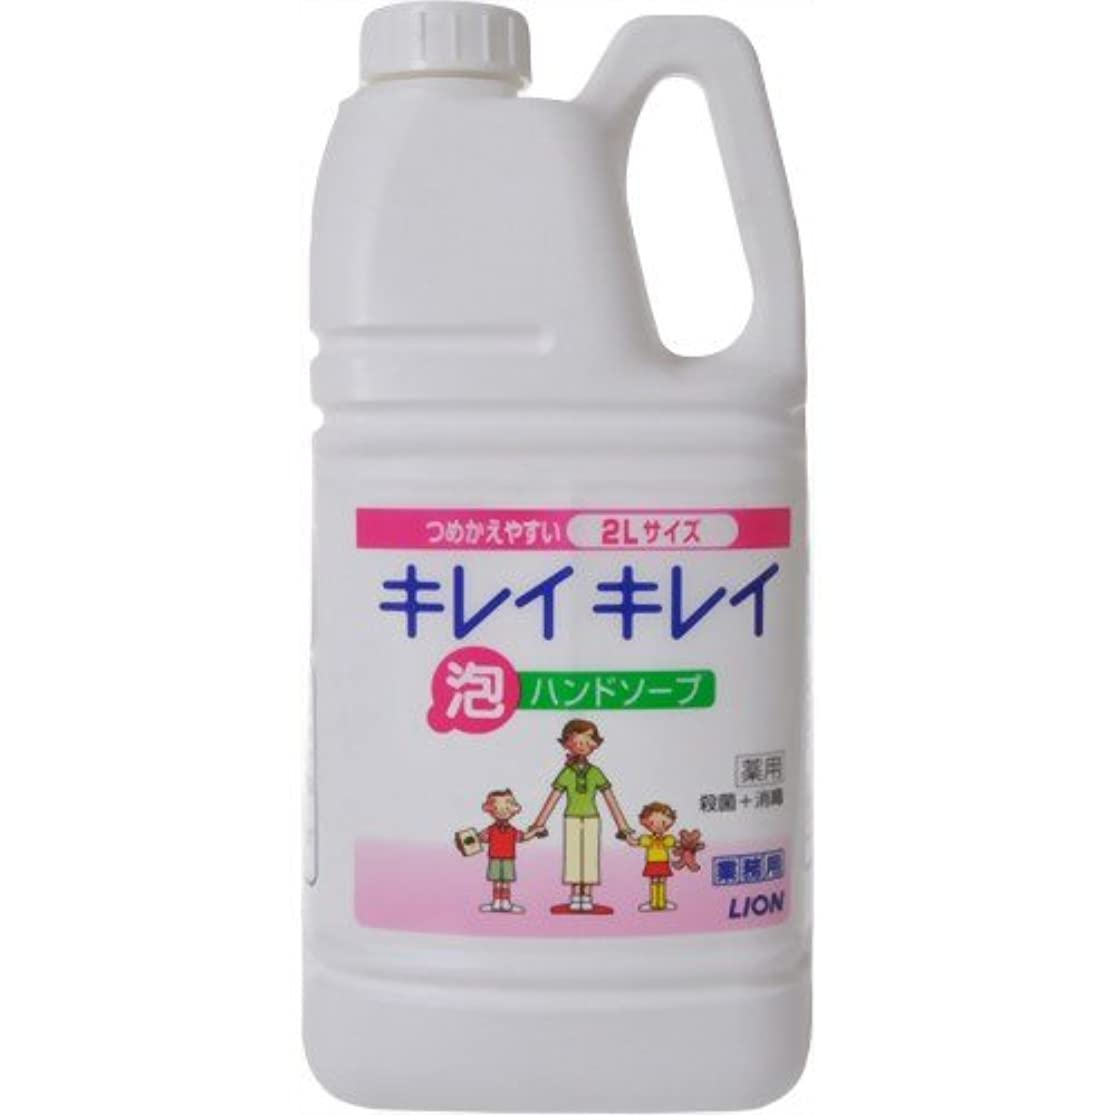 くぼみ間接的ジャングルキレイキレイ薬用泡ハンドソープ2L(業務用)